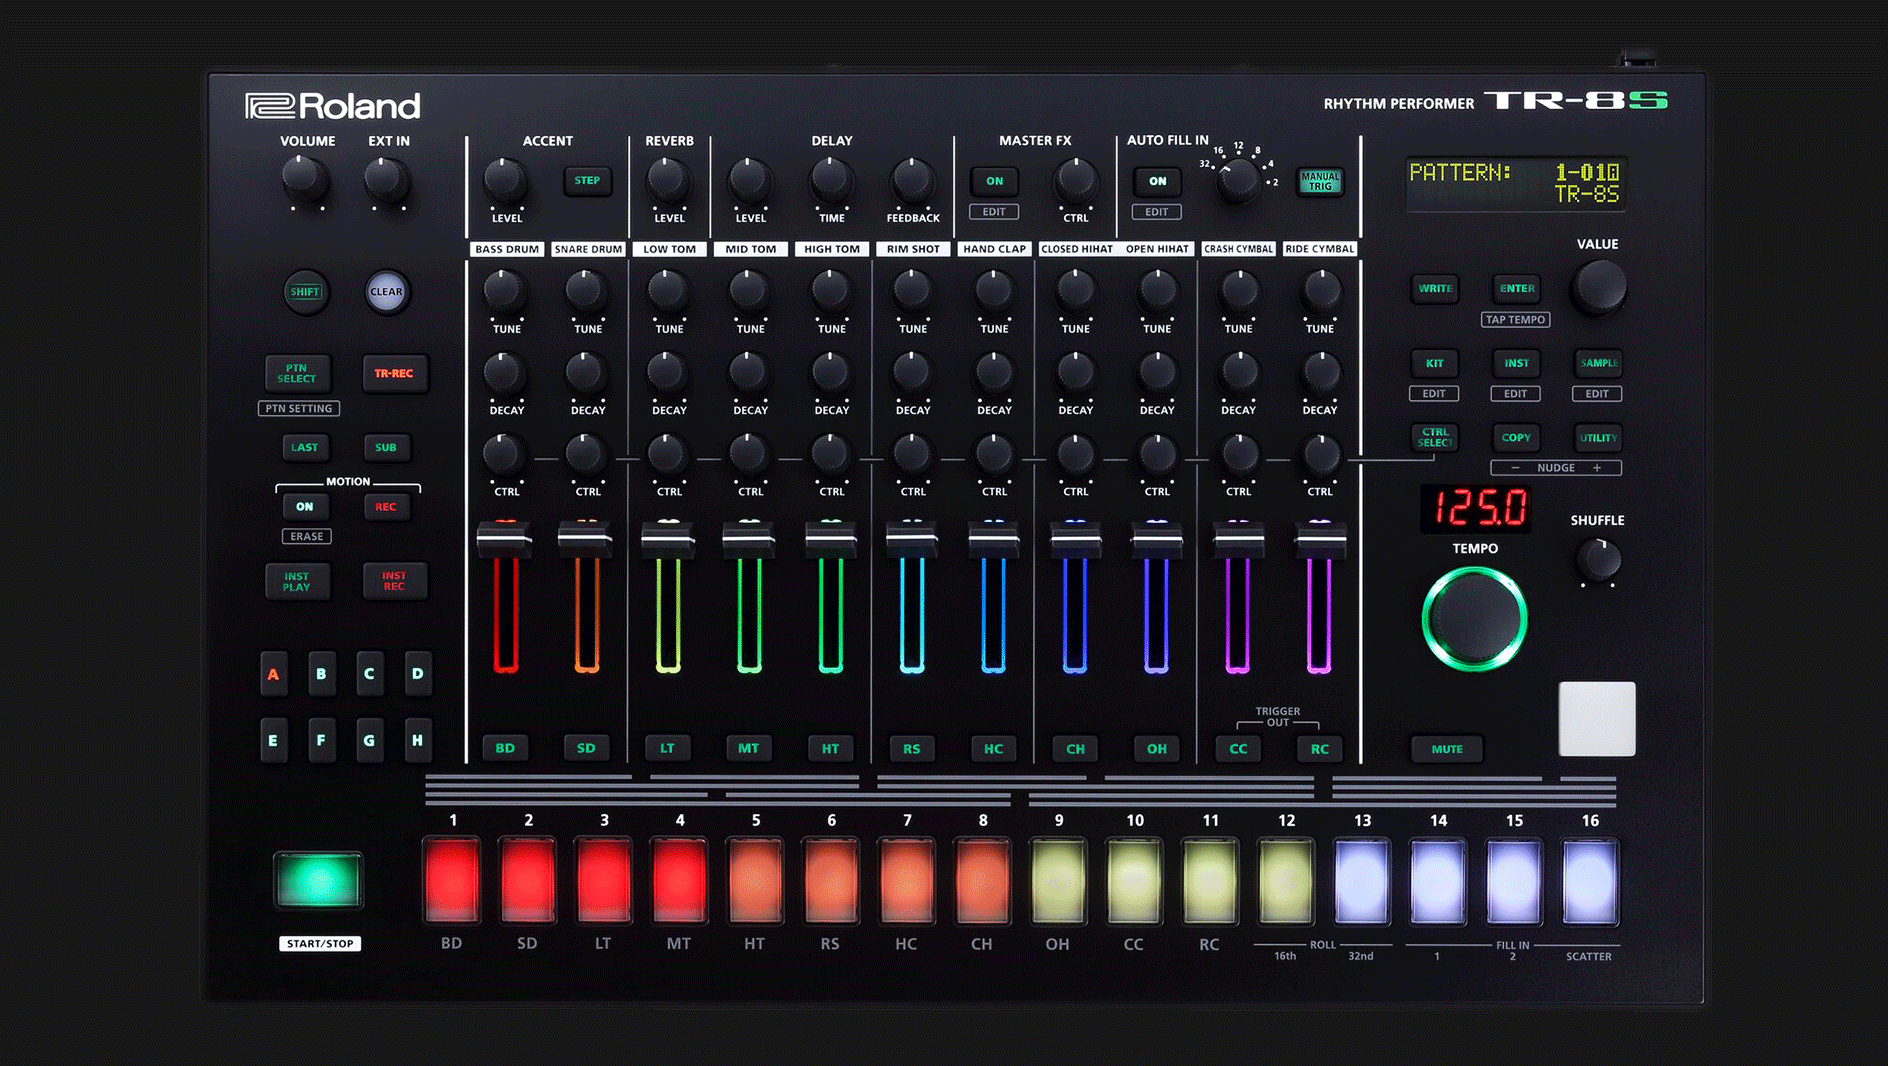 Roland TR-8S Rhythm Performer - First Look - ADSR